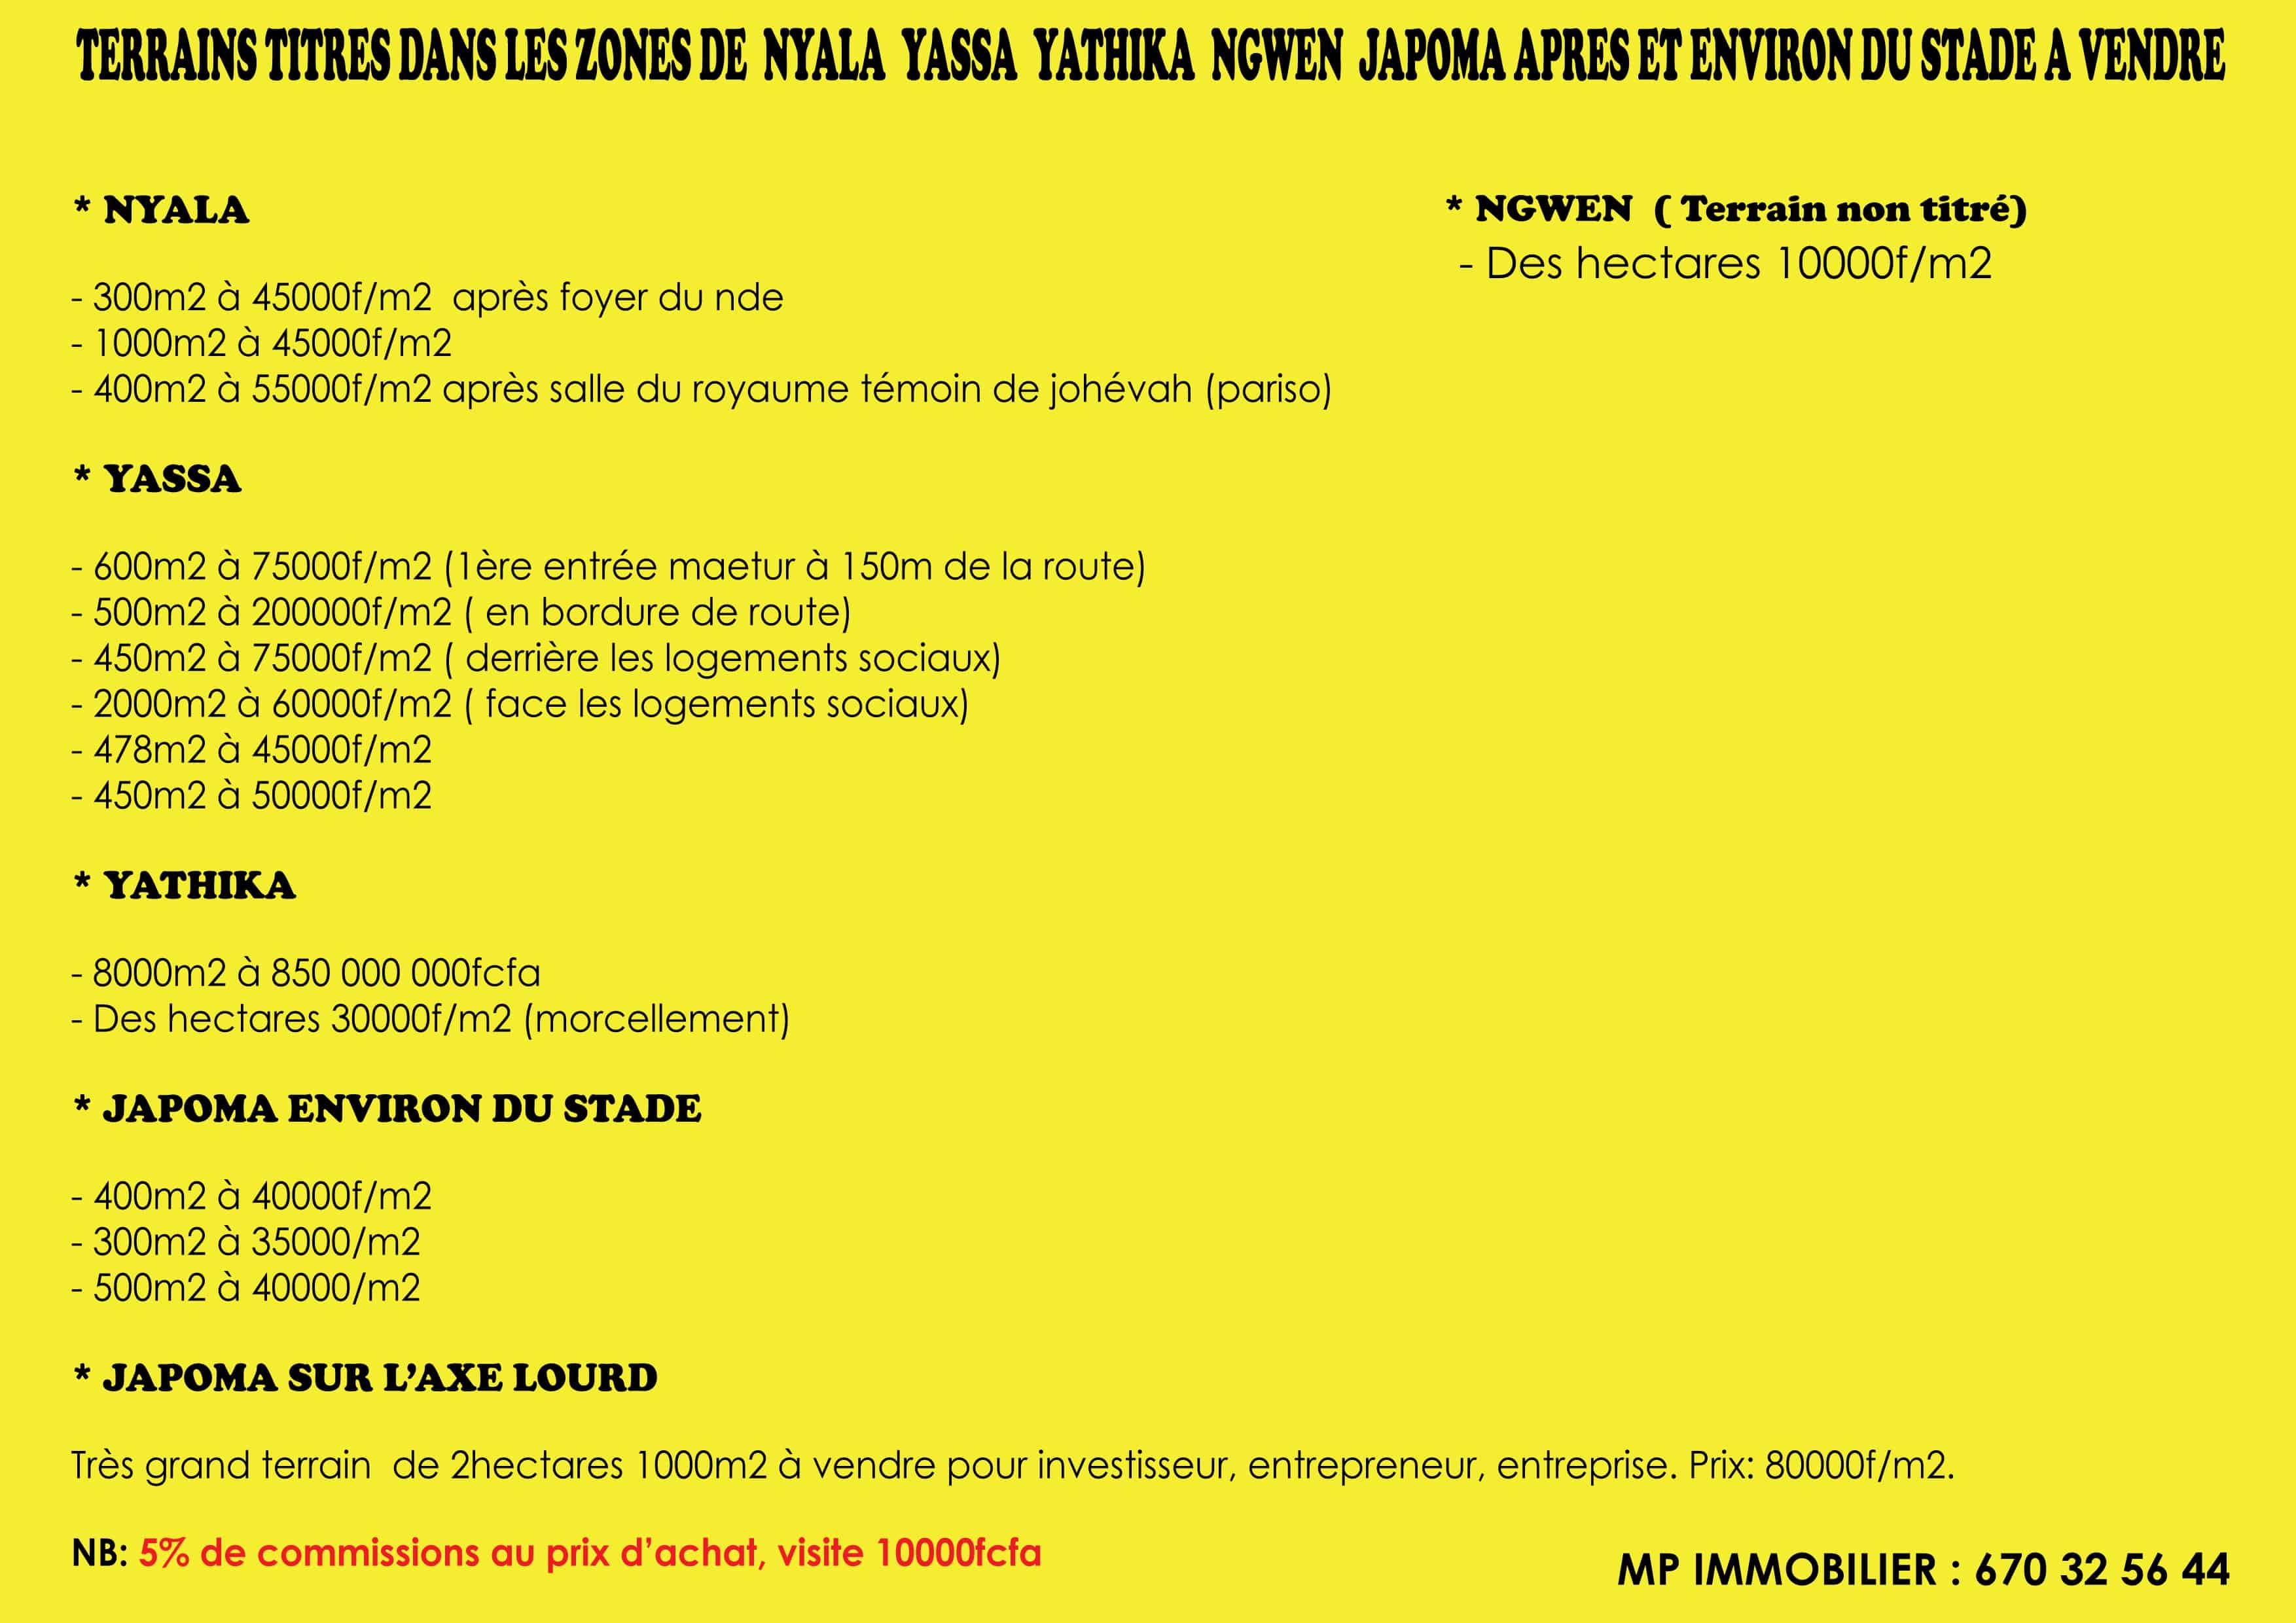 Land for sale at Douala, Bassa, nyala, yassa, yathika, gwen, japoma stade - 20000 m2 - 24 000 000 FCFA